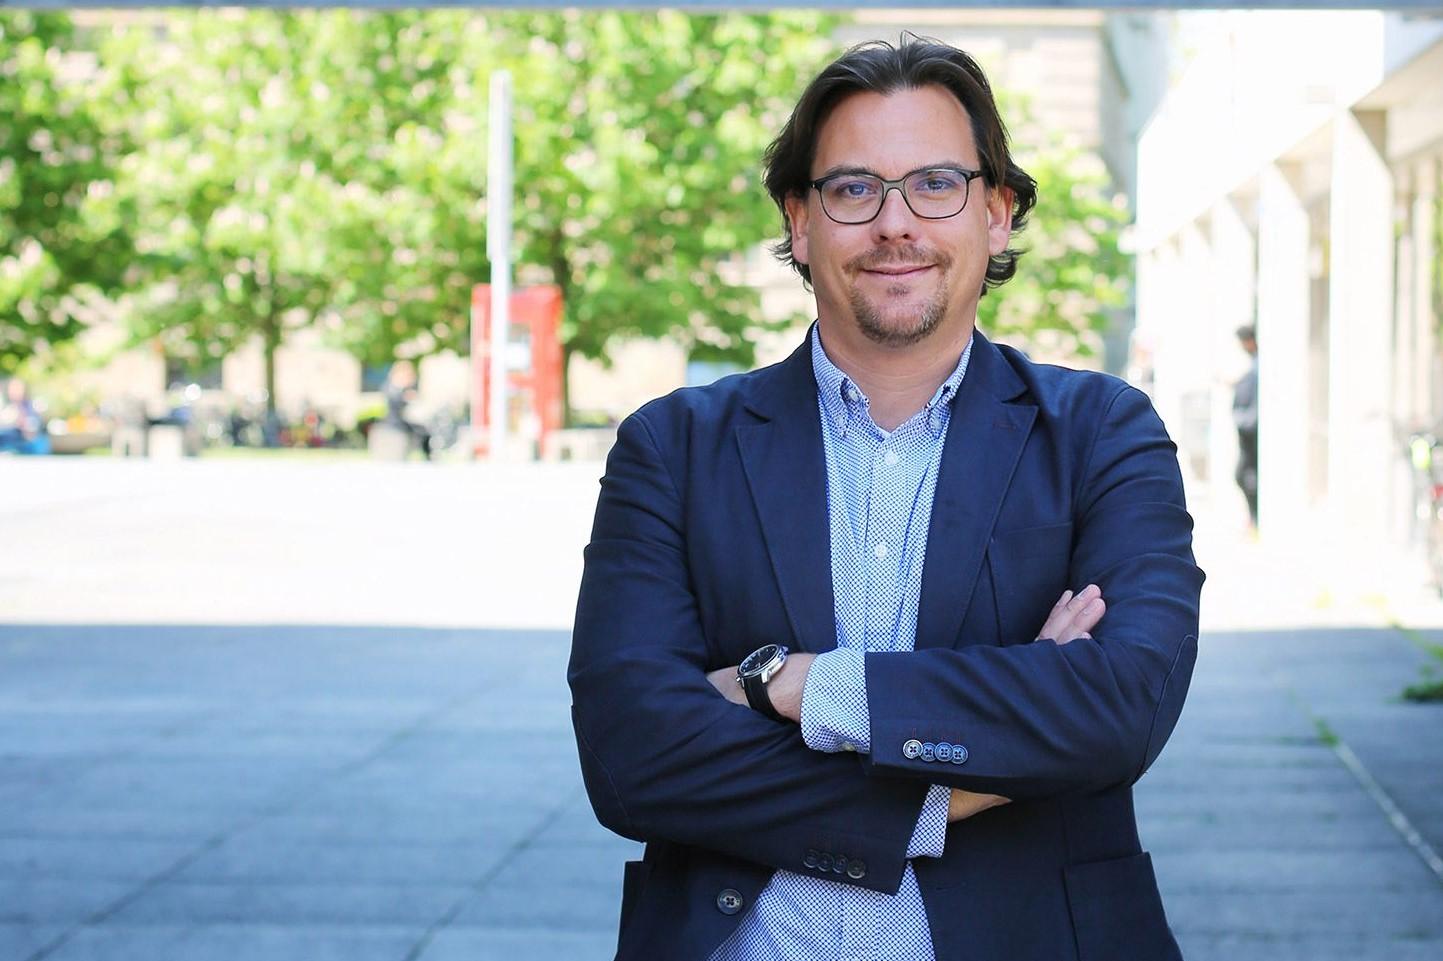 Professor Leßmann